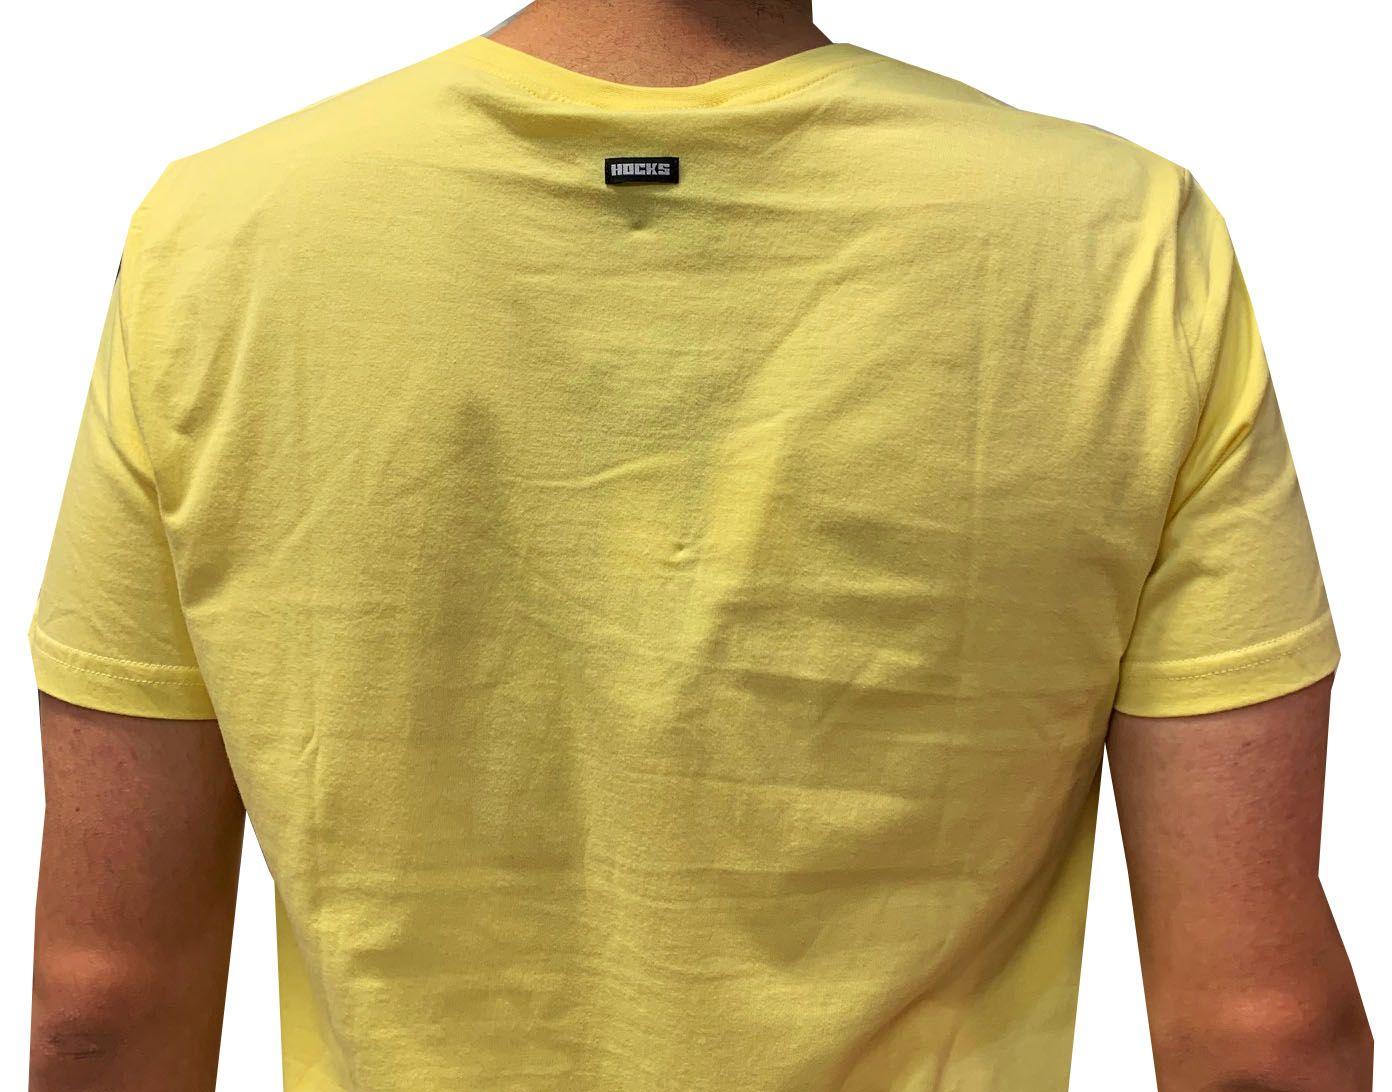 Camiseta Hocks Bezier H20004 Masculina 20004